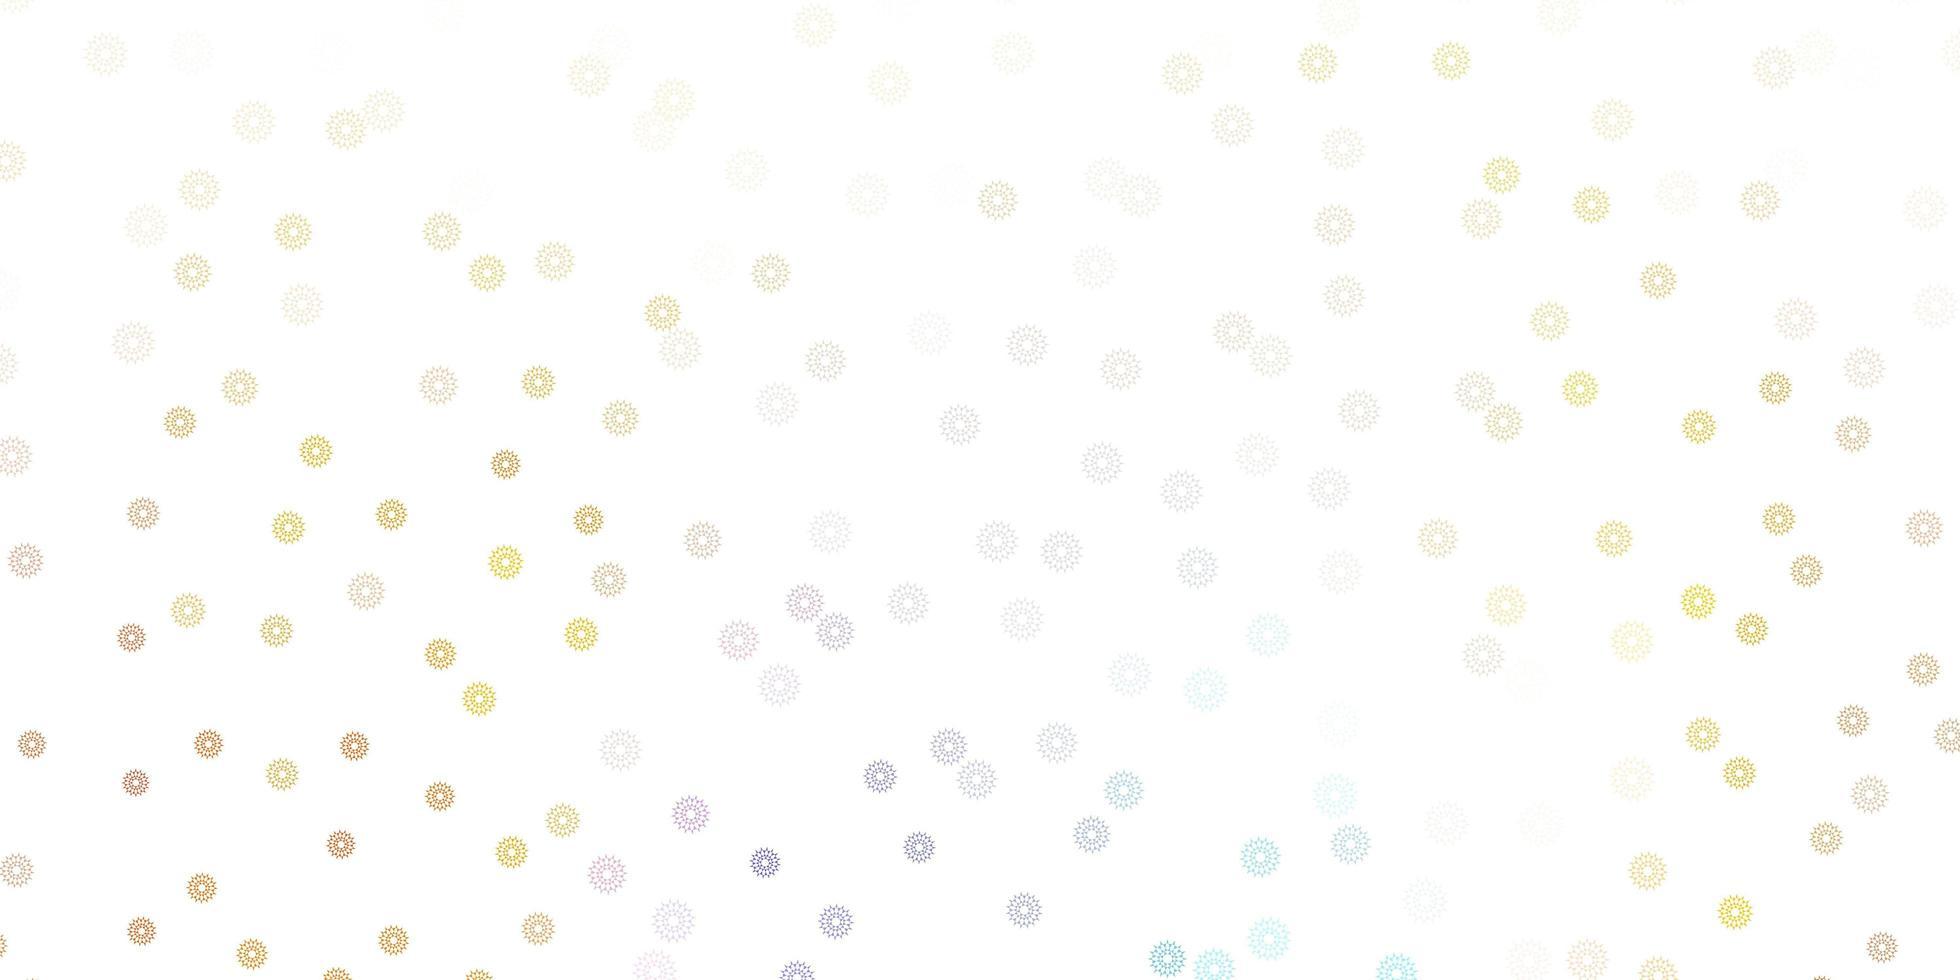 hellblauer, gelber Vektor kritzeln Hintergrund mit Blumen.